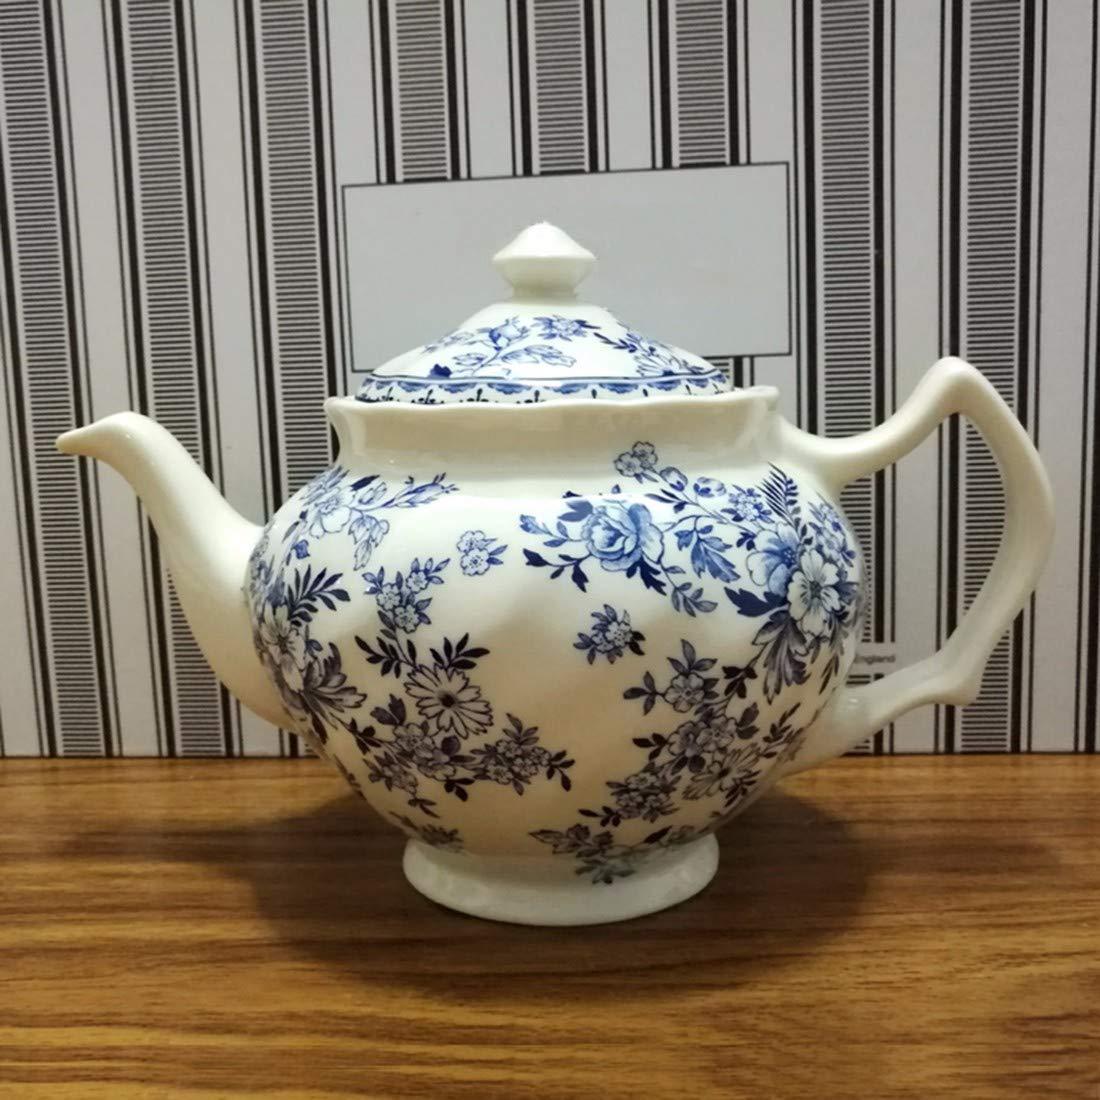 QPGGP-Teller britische blau - weißem Porzellan, westliche Gerichte, haushaltsgeräte, Schalen, Teller und tassen und untertassen, Kaffee, Tee - Sets,ich